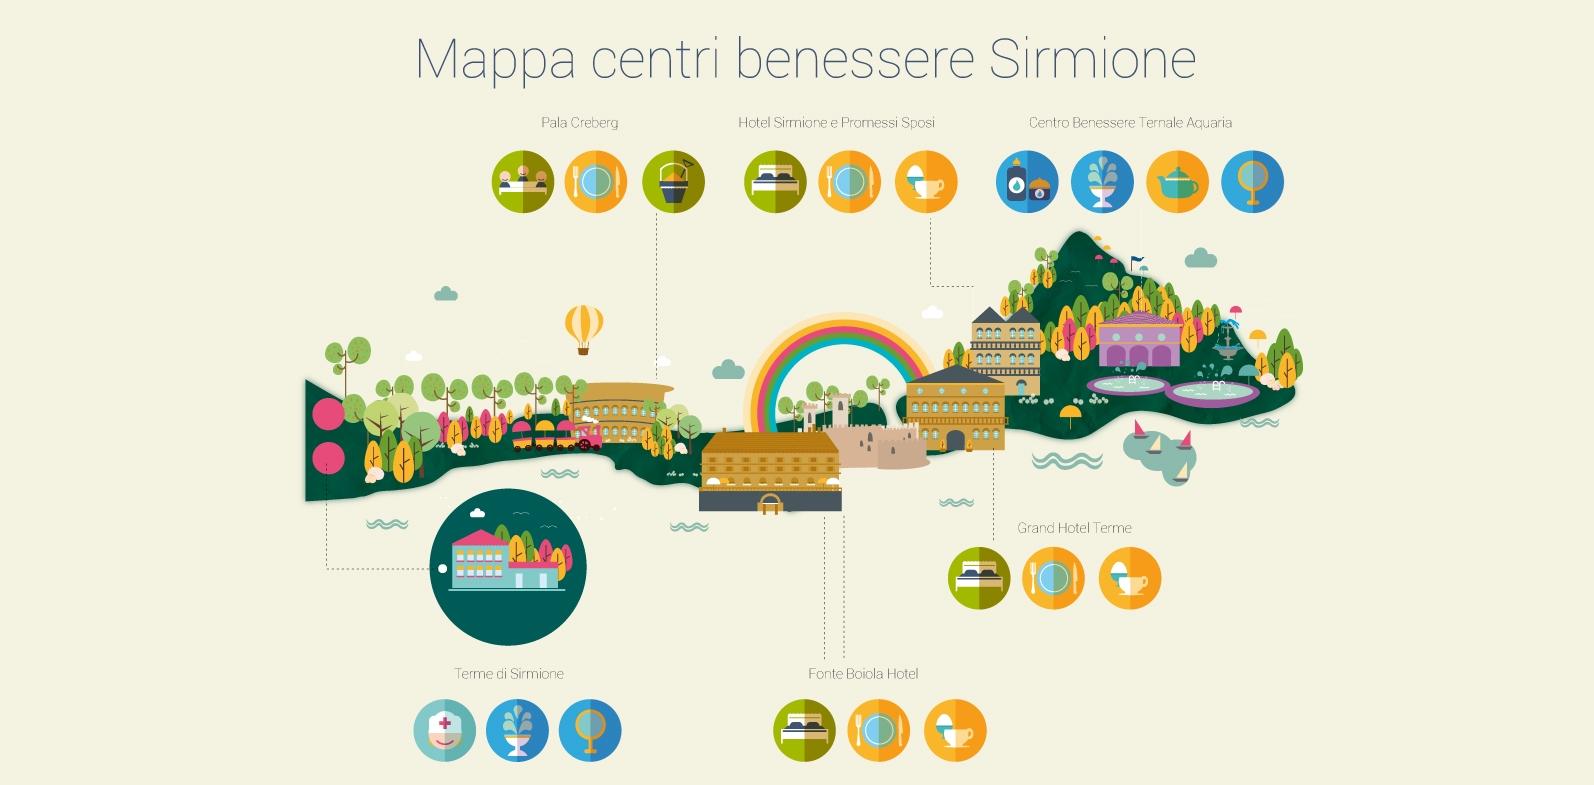 Mappa Centri Benessere Sirmione